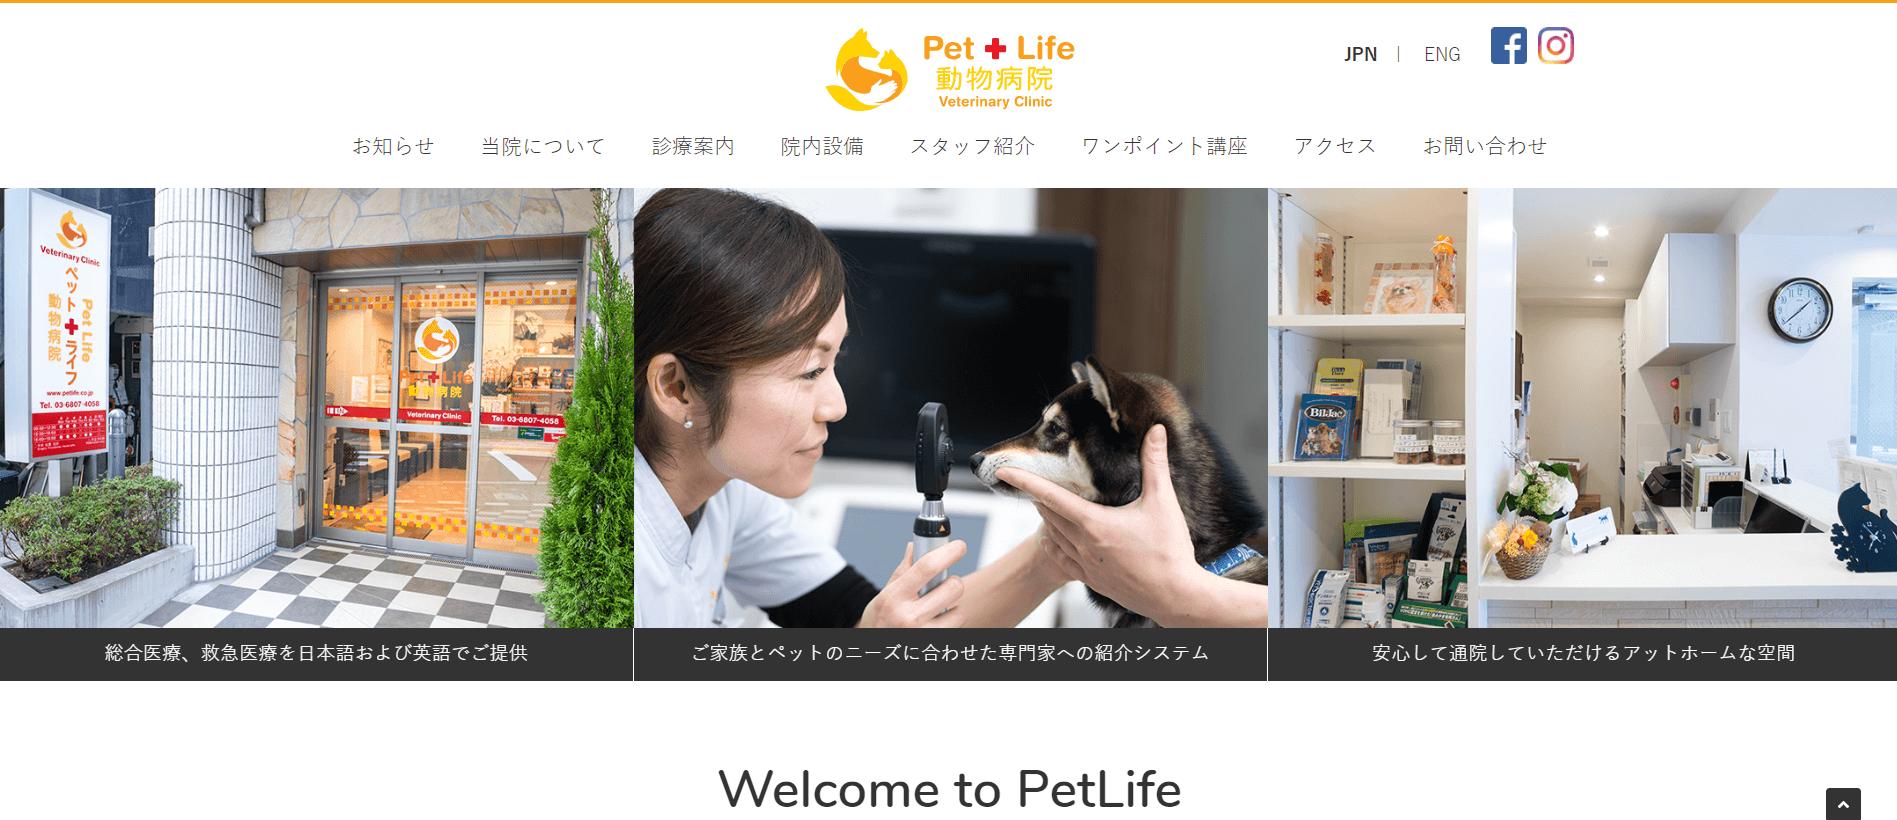 ペットライフ動物病院|港区(赤羽橋・麻布十番)|往診・ペットホテル